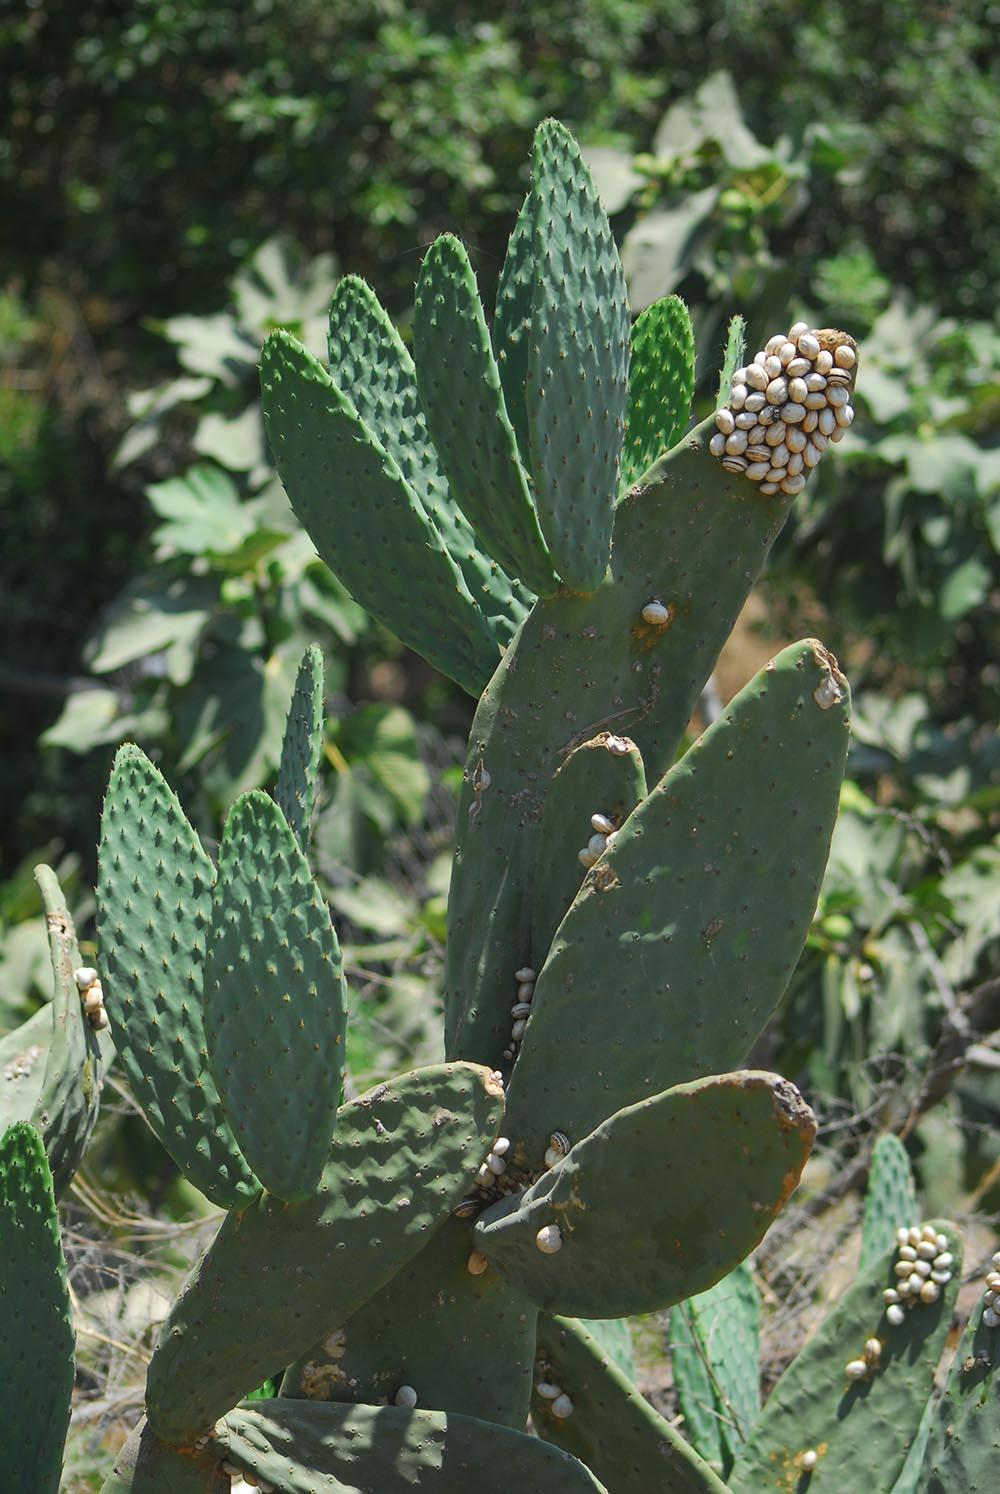 Larnaca cactus